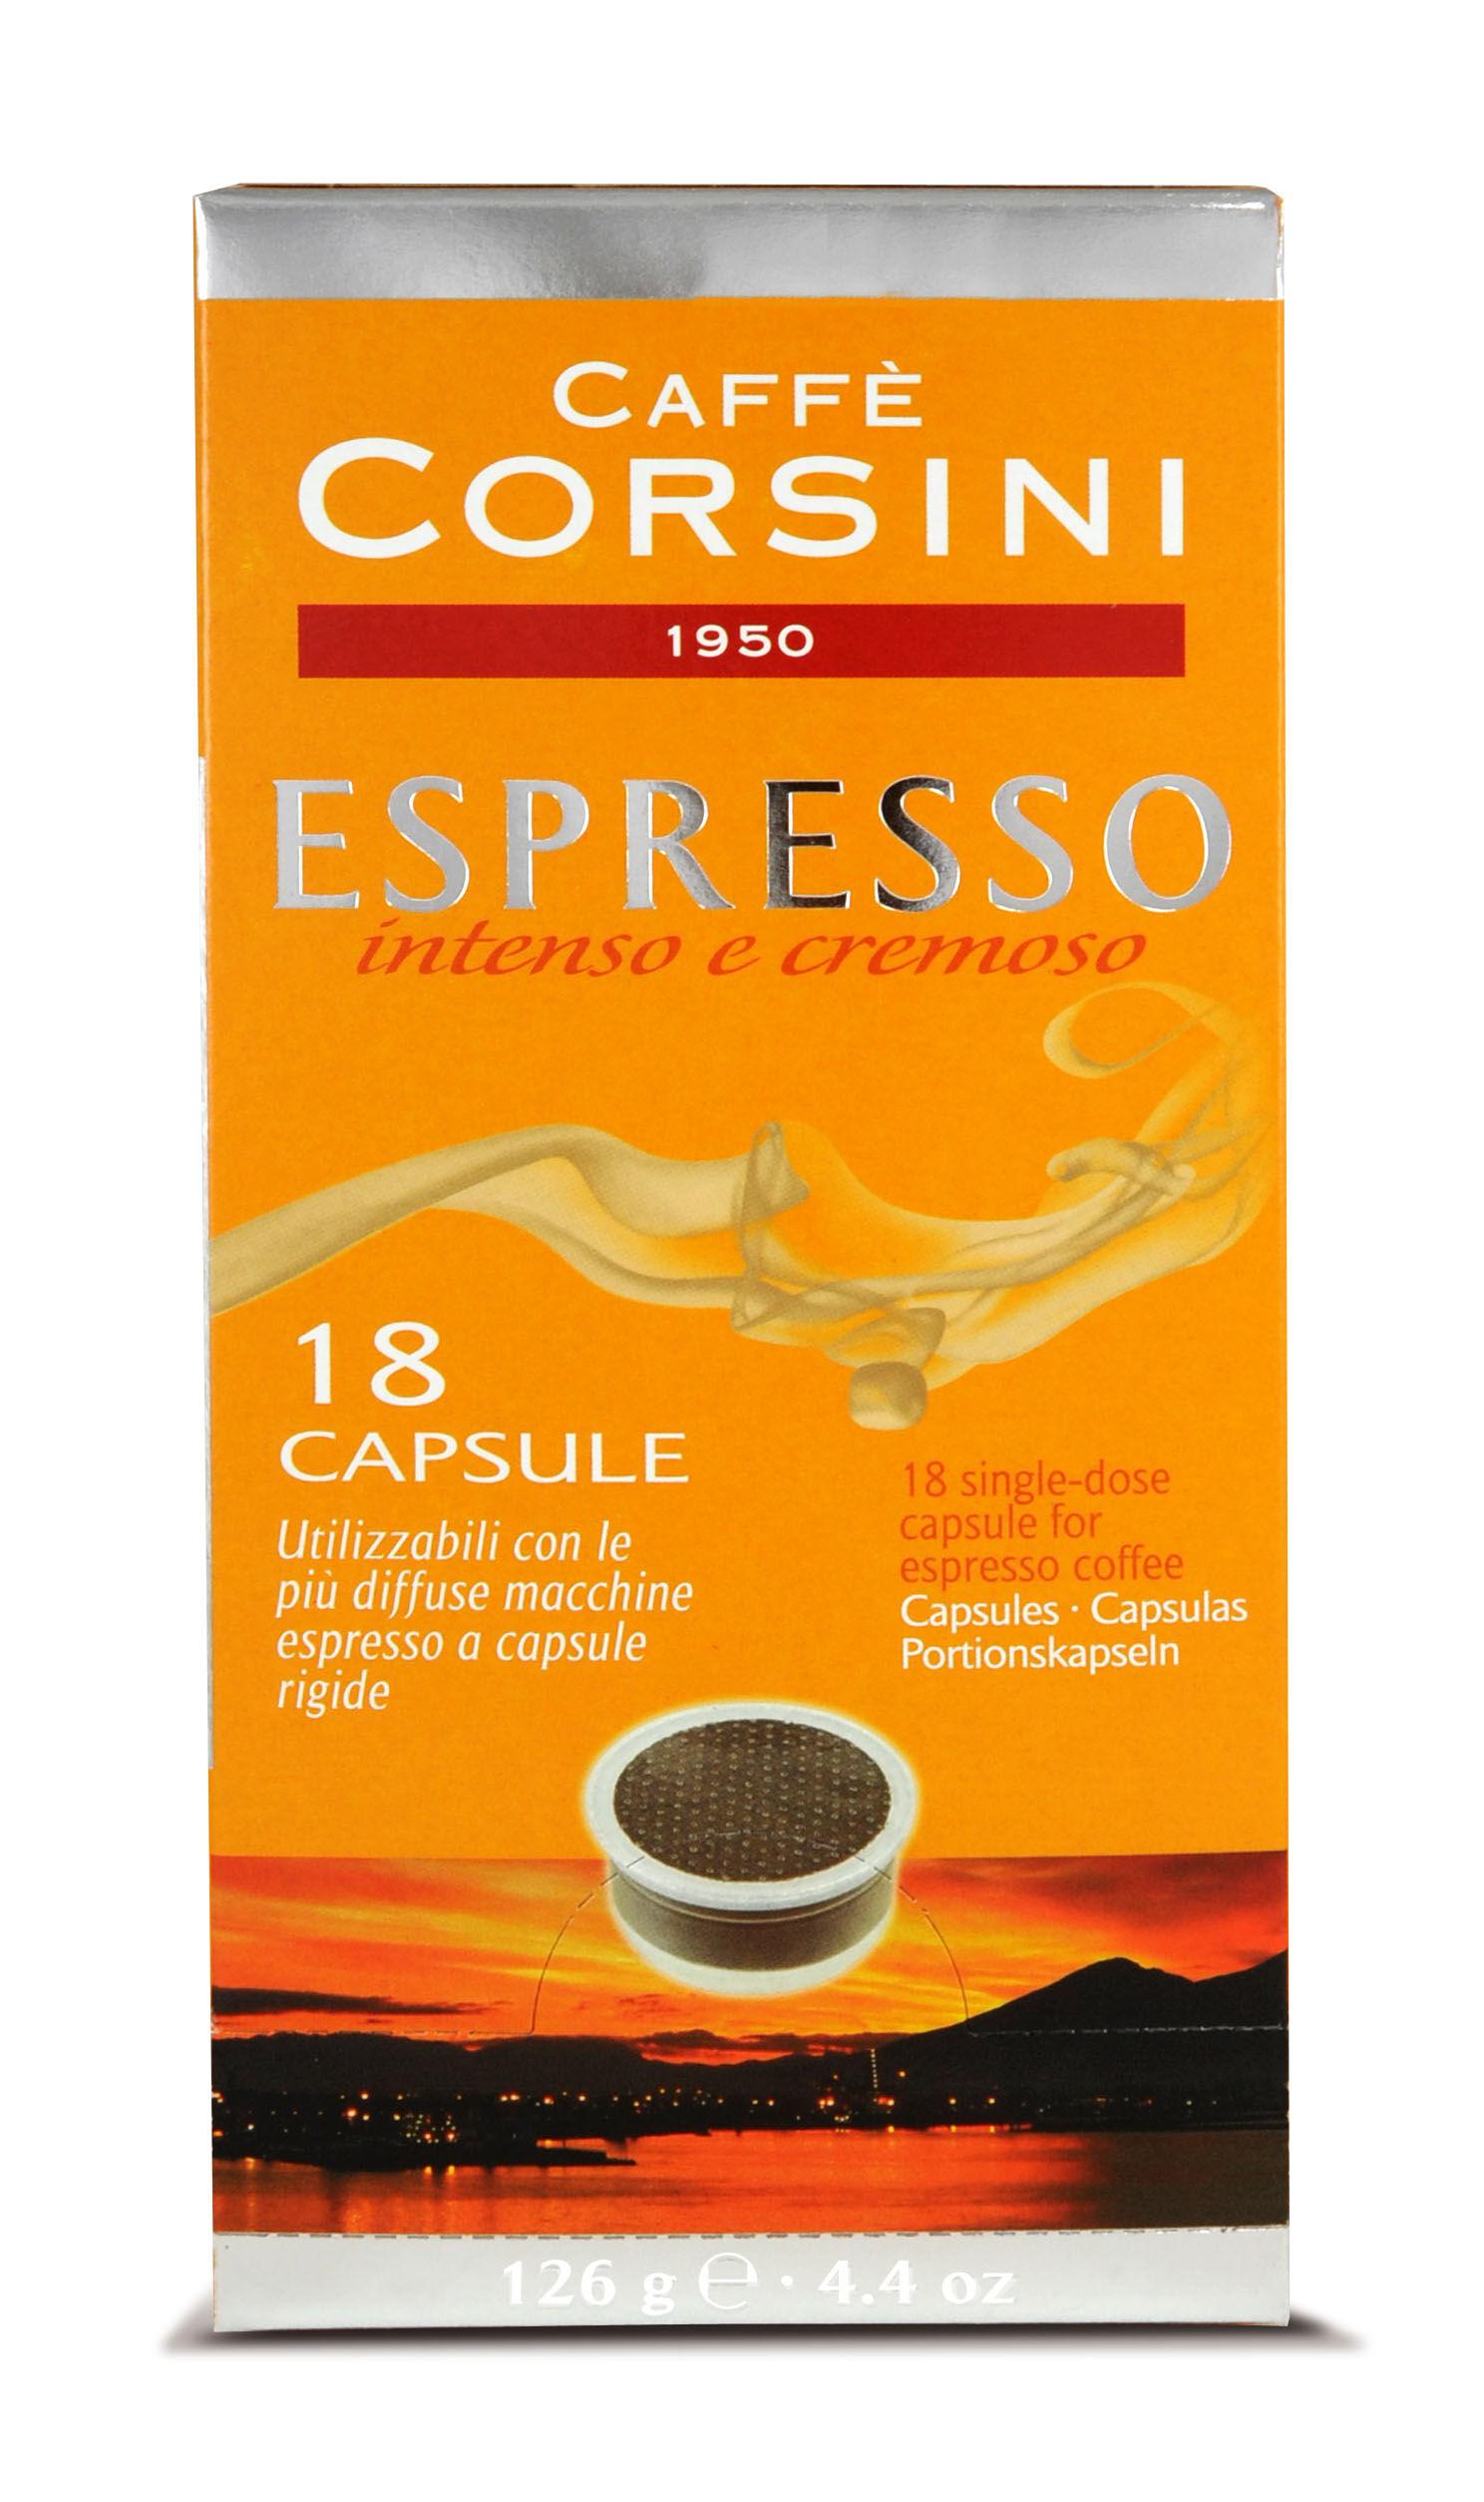 Corsini - Lavazza kompatibilis kapszulák